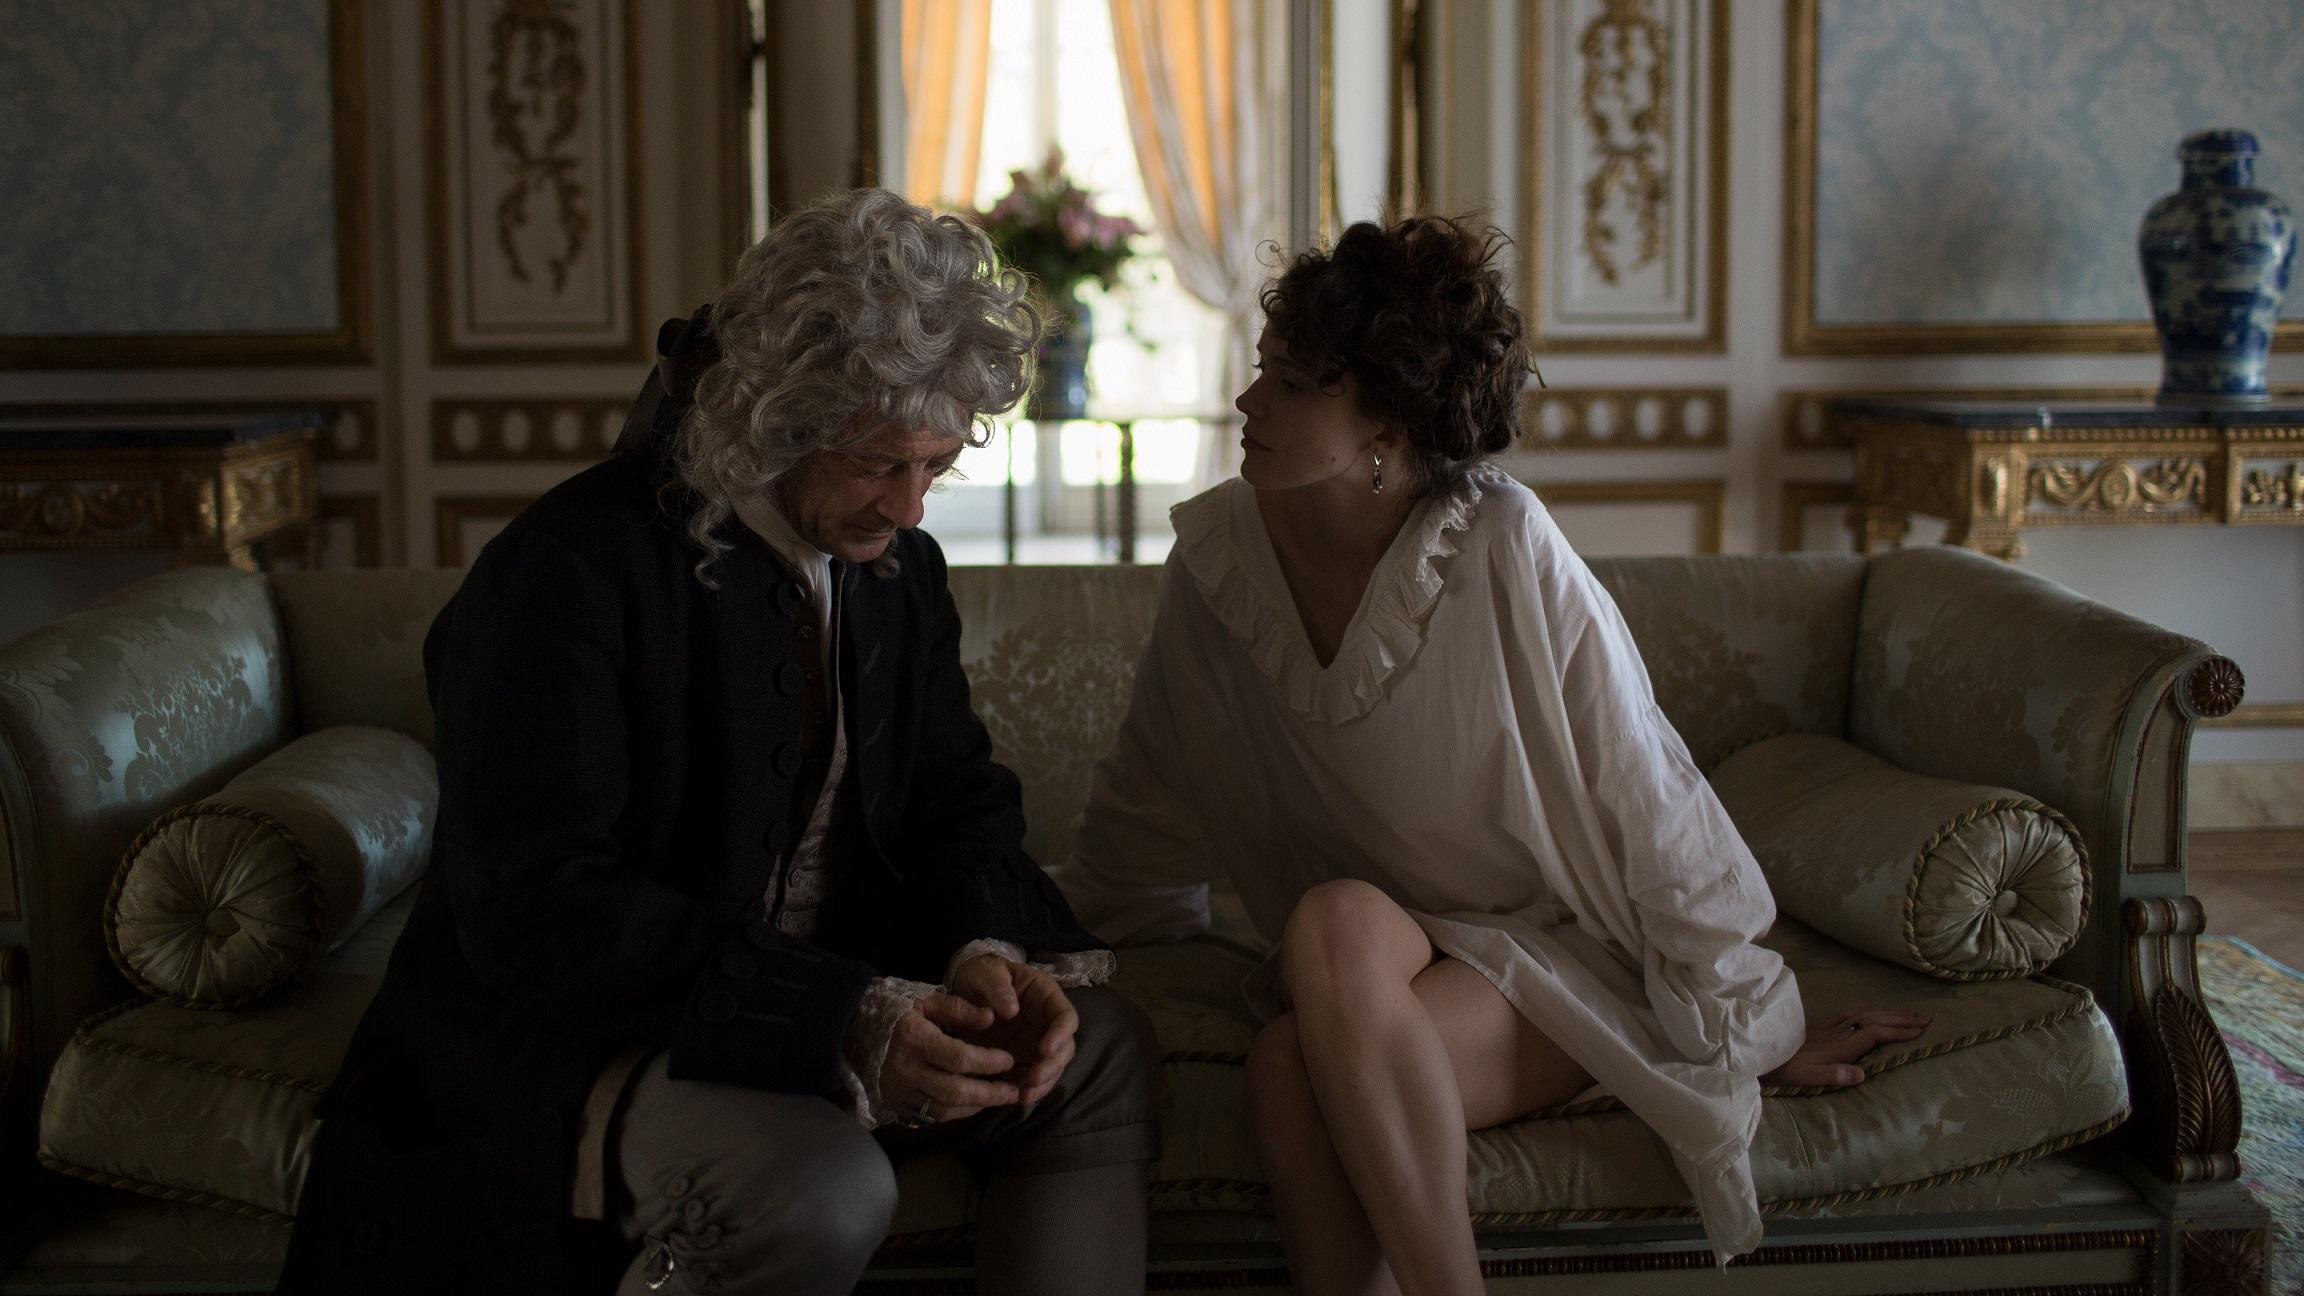 《卡薩諾瓦的情人》「性愛成癮的女人」遇上浪蕩子 化學反應更勝《情慾凡爾賽》!